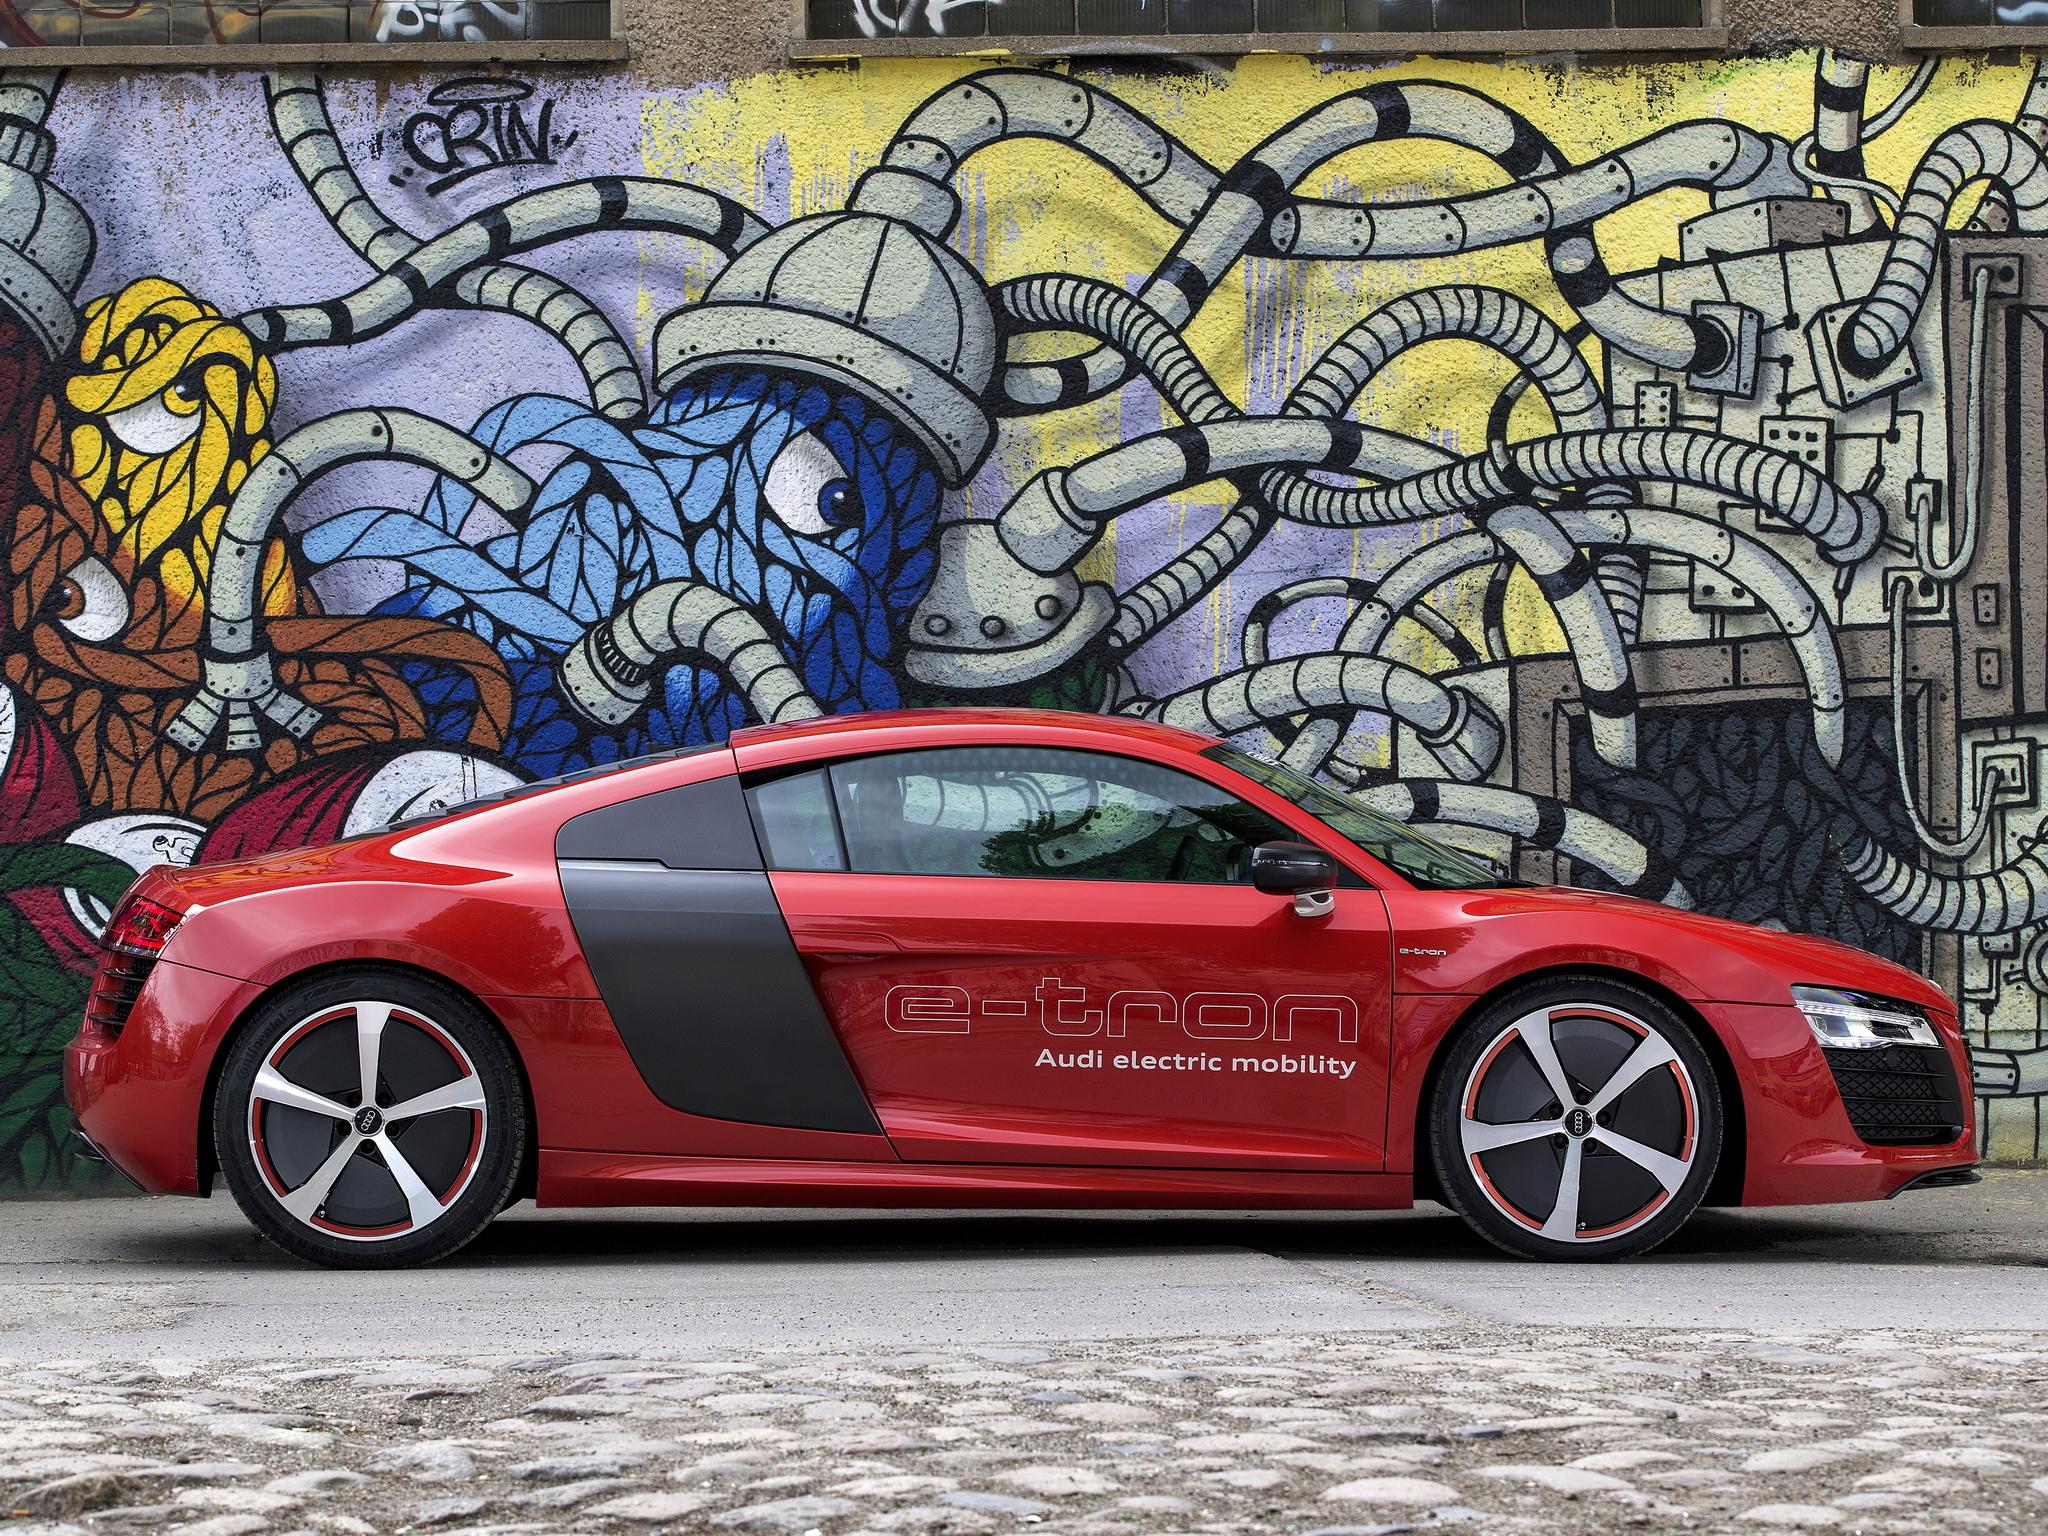 Обои для рабочего стола Ауди R8 e-Tron красных Граффити Сбоку машины Audi красная красные Красный авто машина Автомобили автомобиль